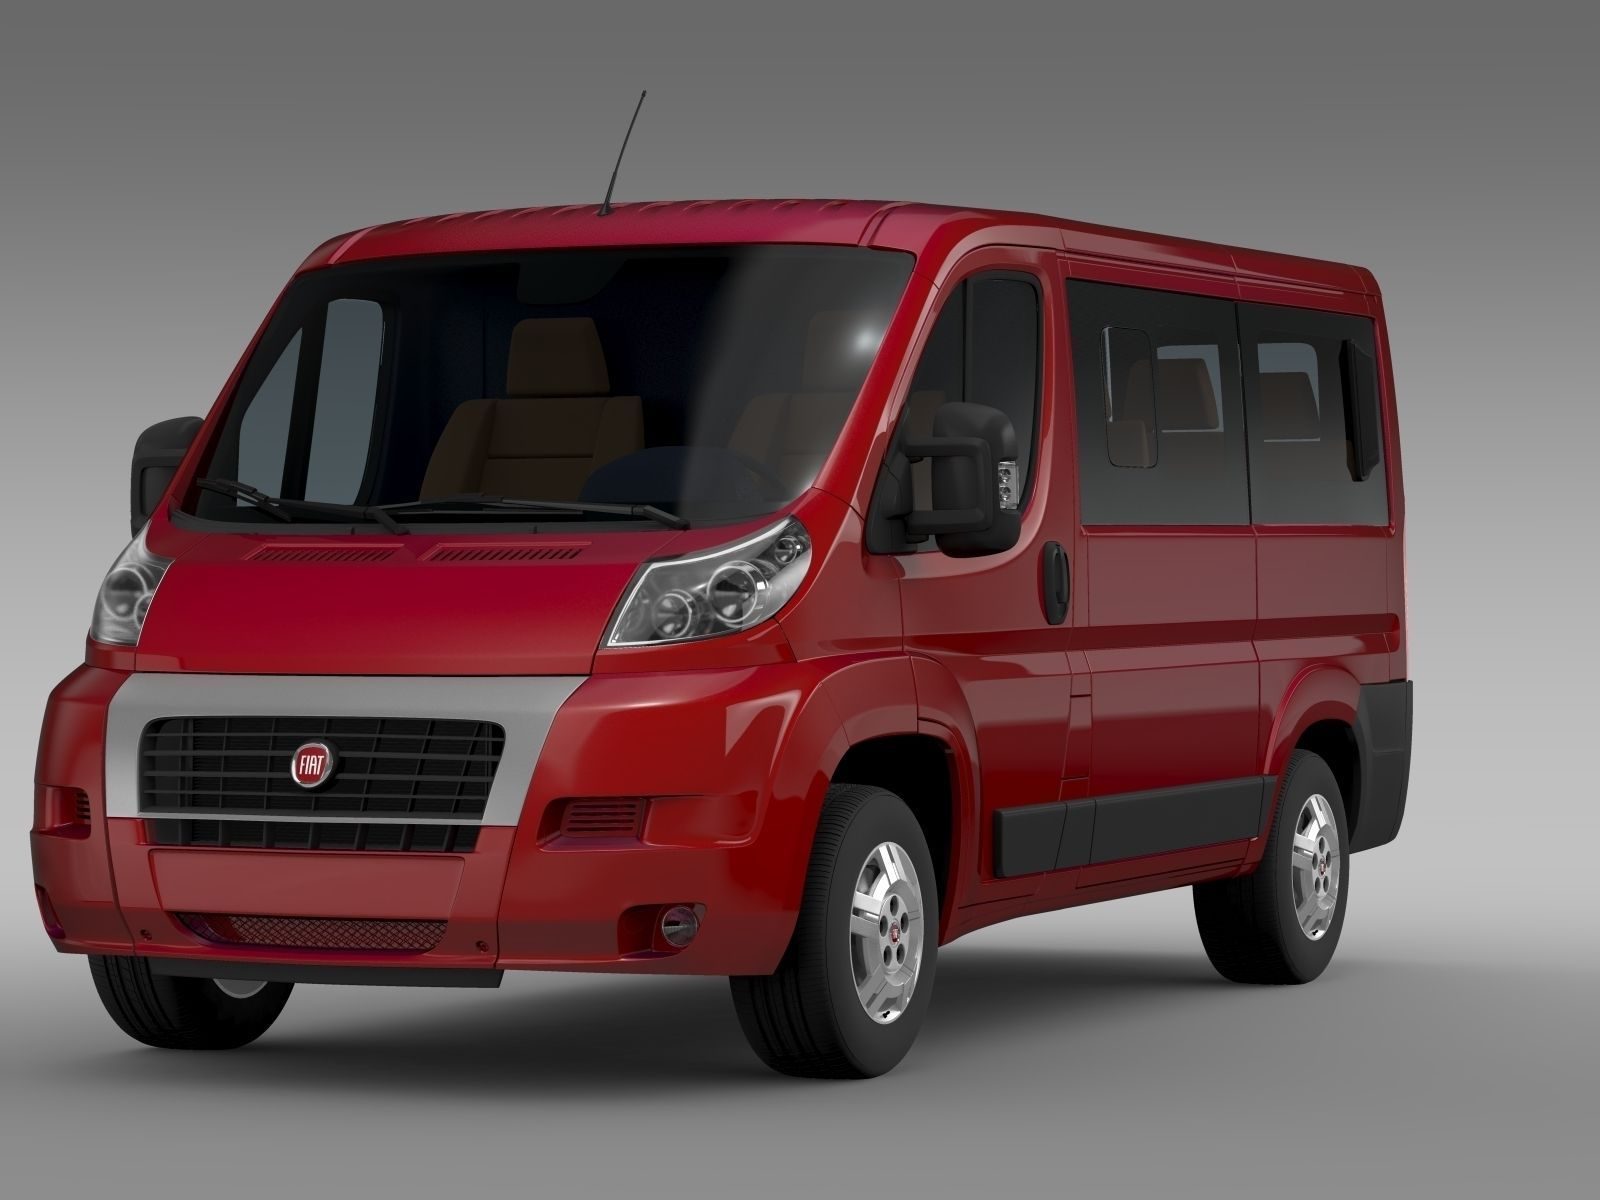 fiat ducato mini bus l1h1 2006 2014 3d model max obj 3ds fbx c4d lwo lw lws. Black Bedroom Furniture Sets. Home Design Ideas